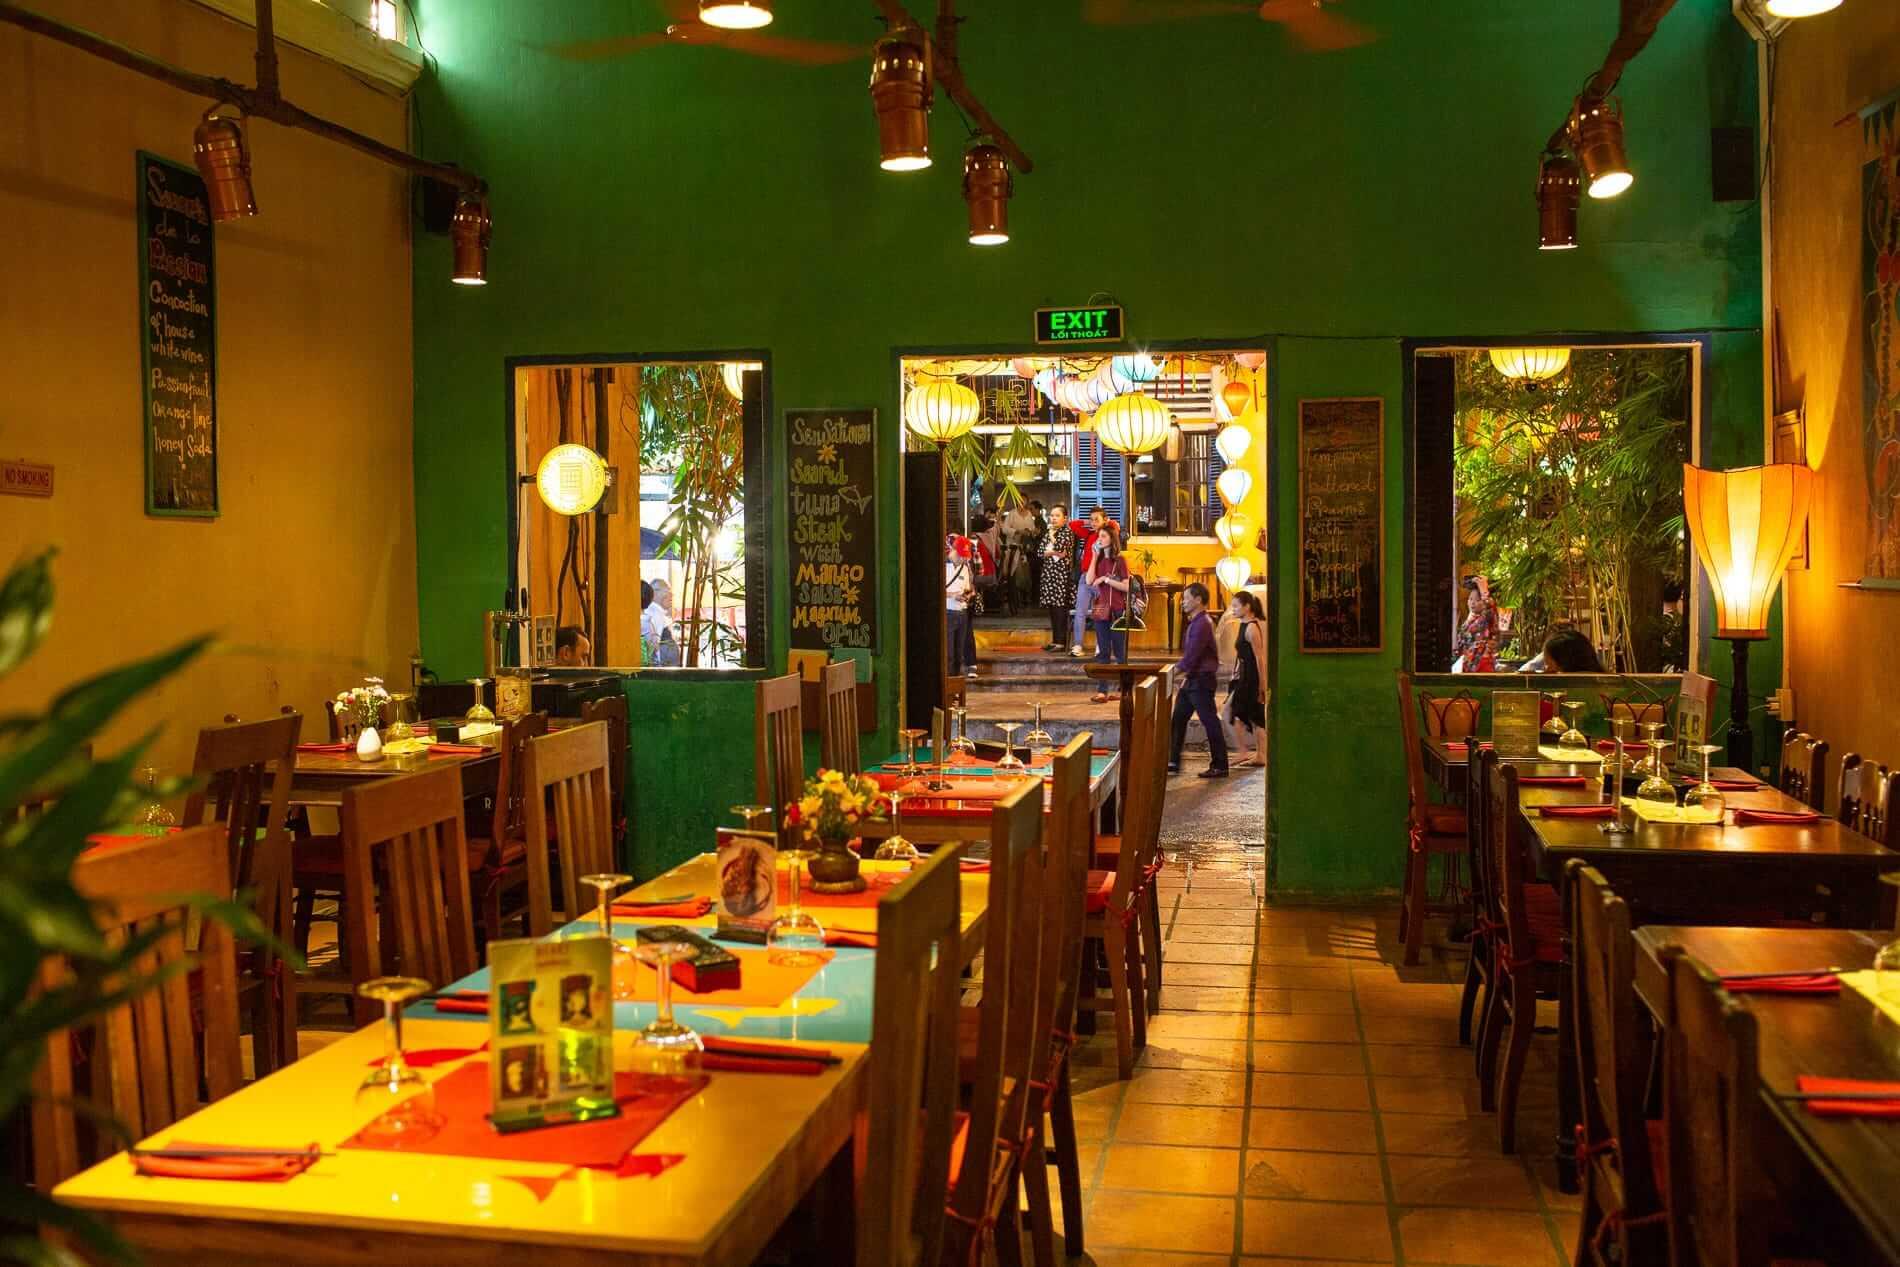 Mango Rooms Restaurant interior